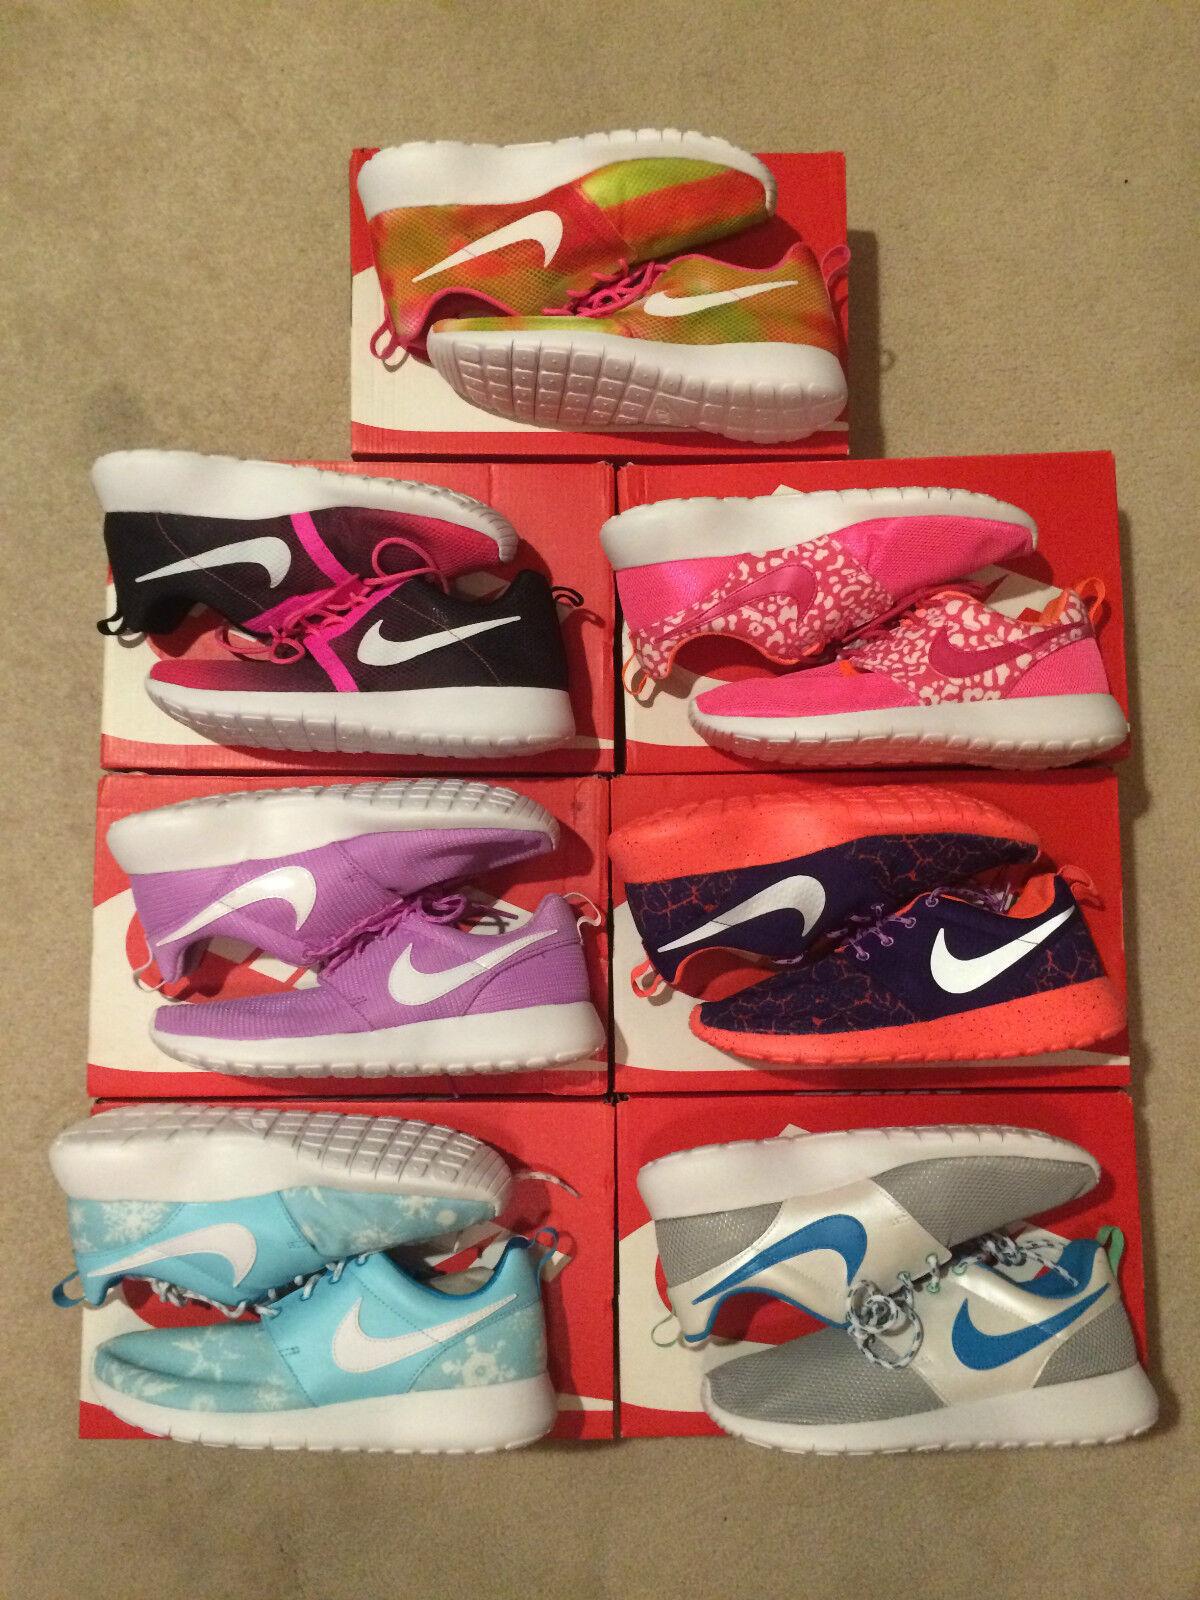 Nike para correr roshe uno para mujer Talla 8 o o o juvenil 6.5Y punto impreso Nuevo con Caja rosado  Envíos y devoluciones gratis.